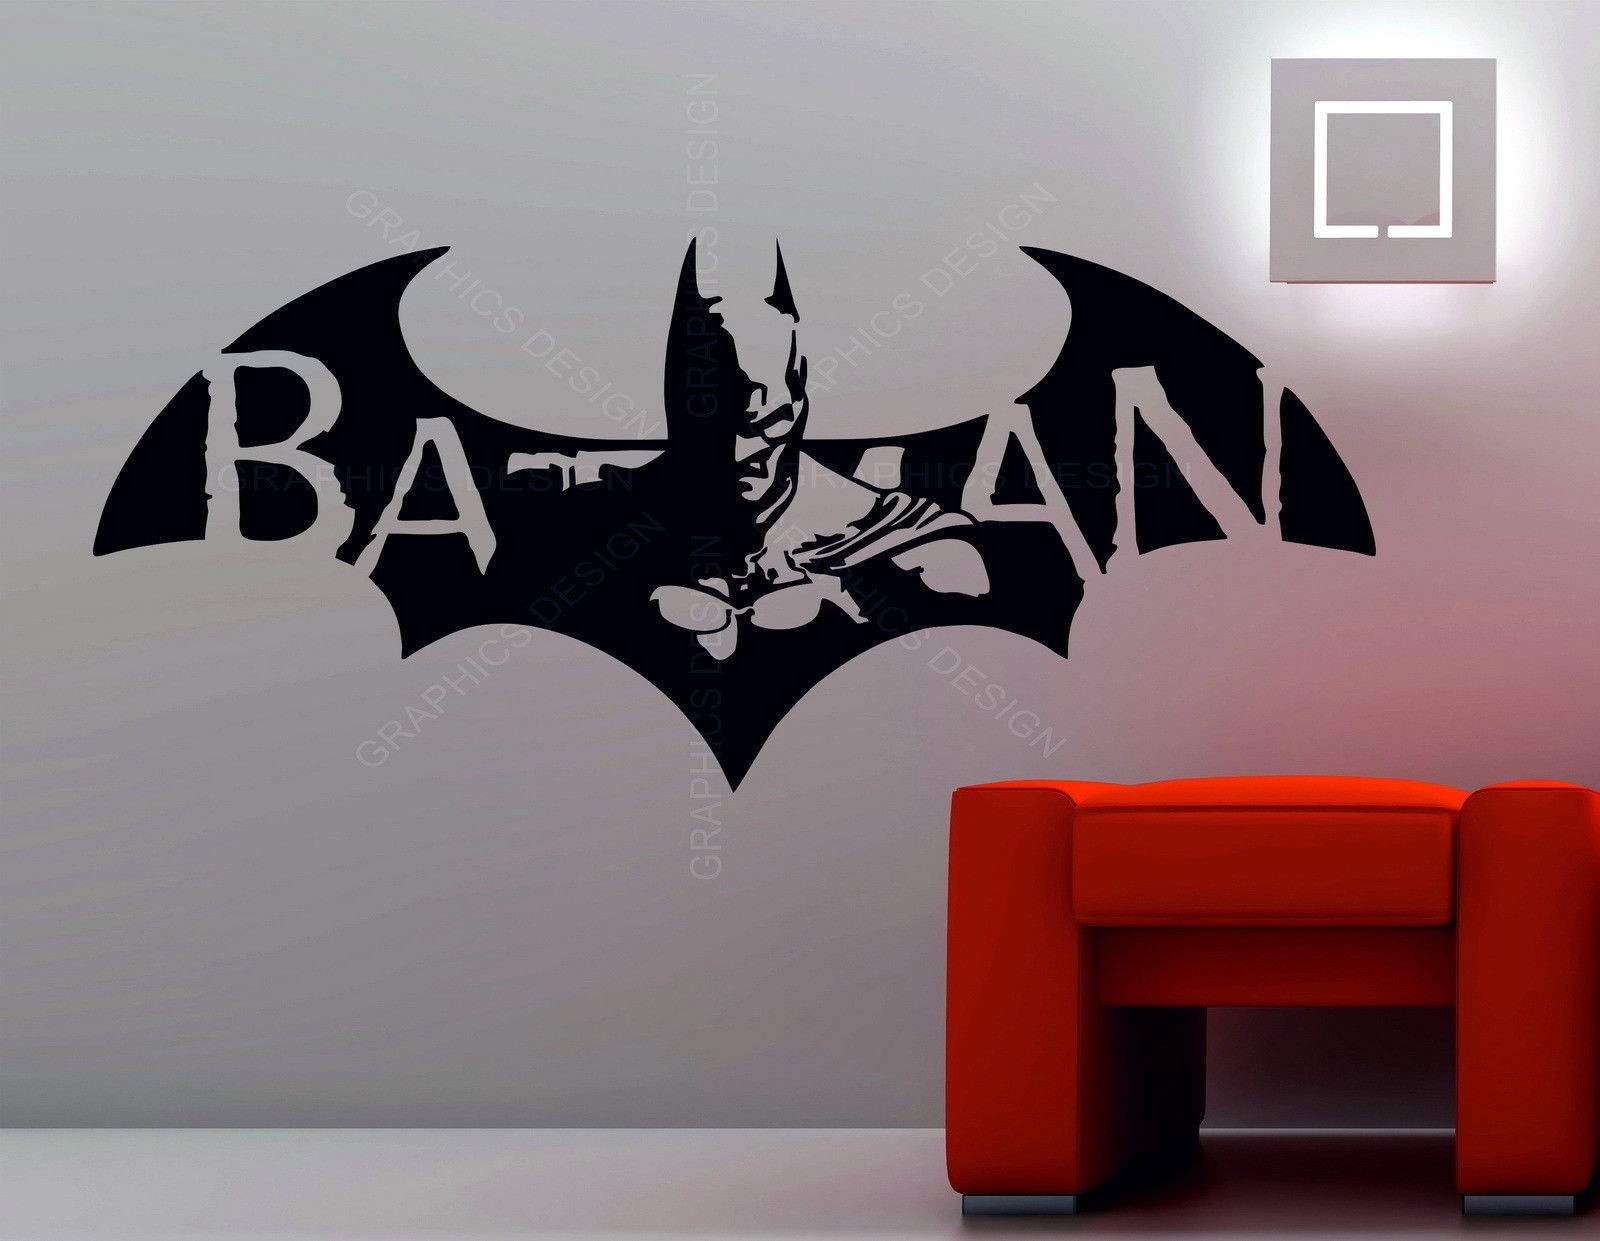 Best ideas about Batman Wall Art . Save or Pin 2019 Popular Batman Wall Art Now.